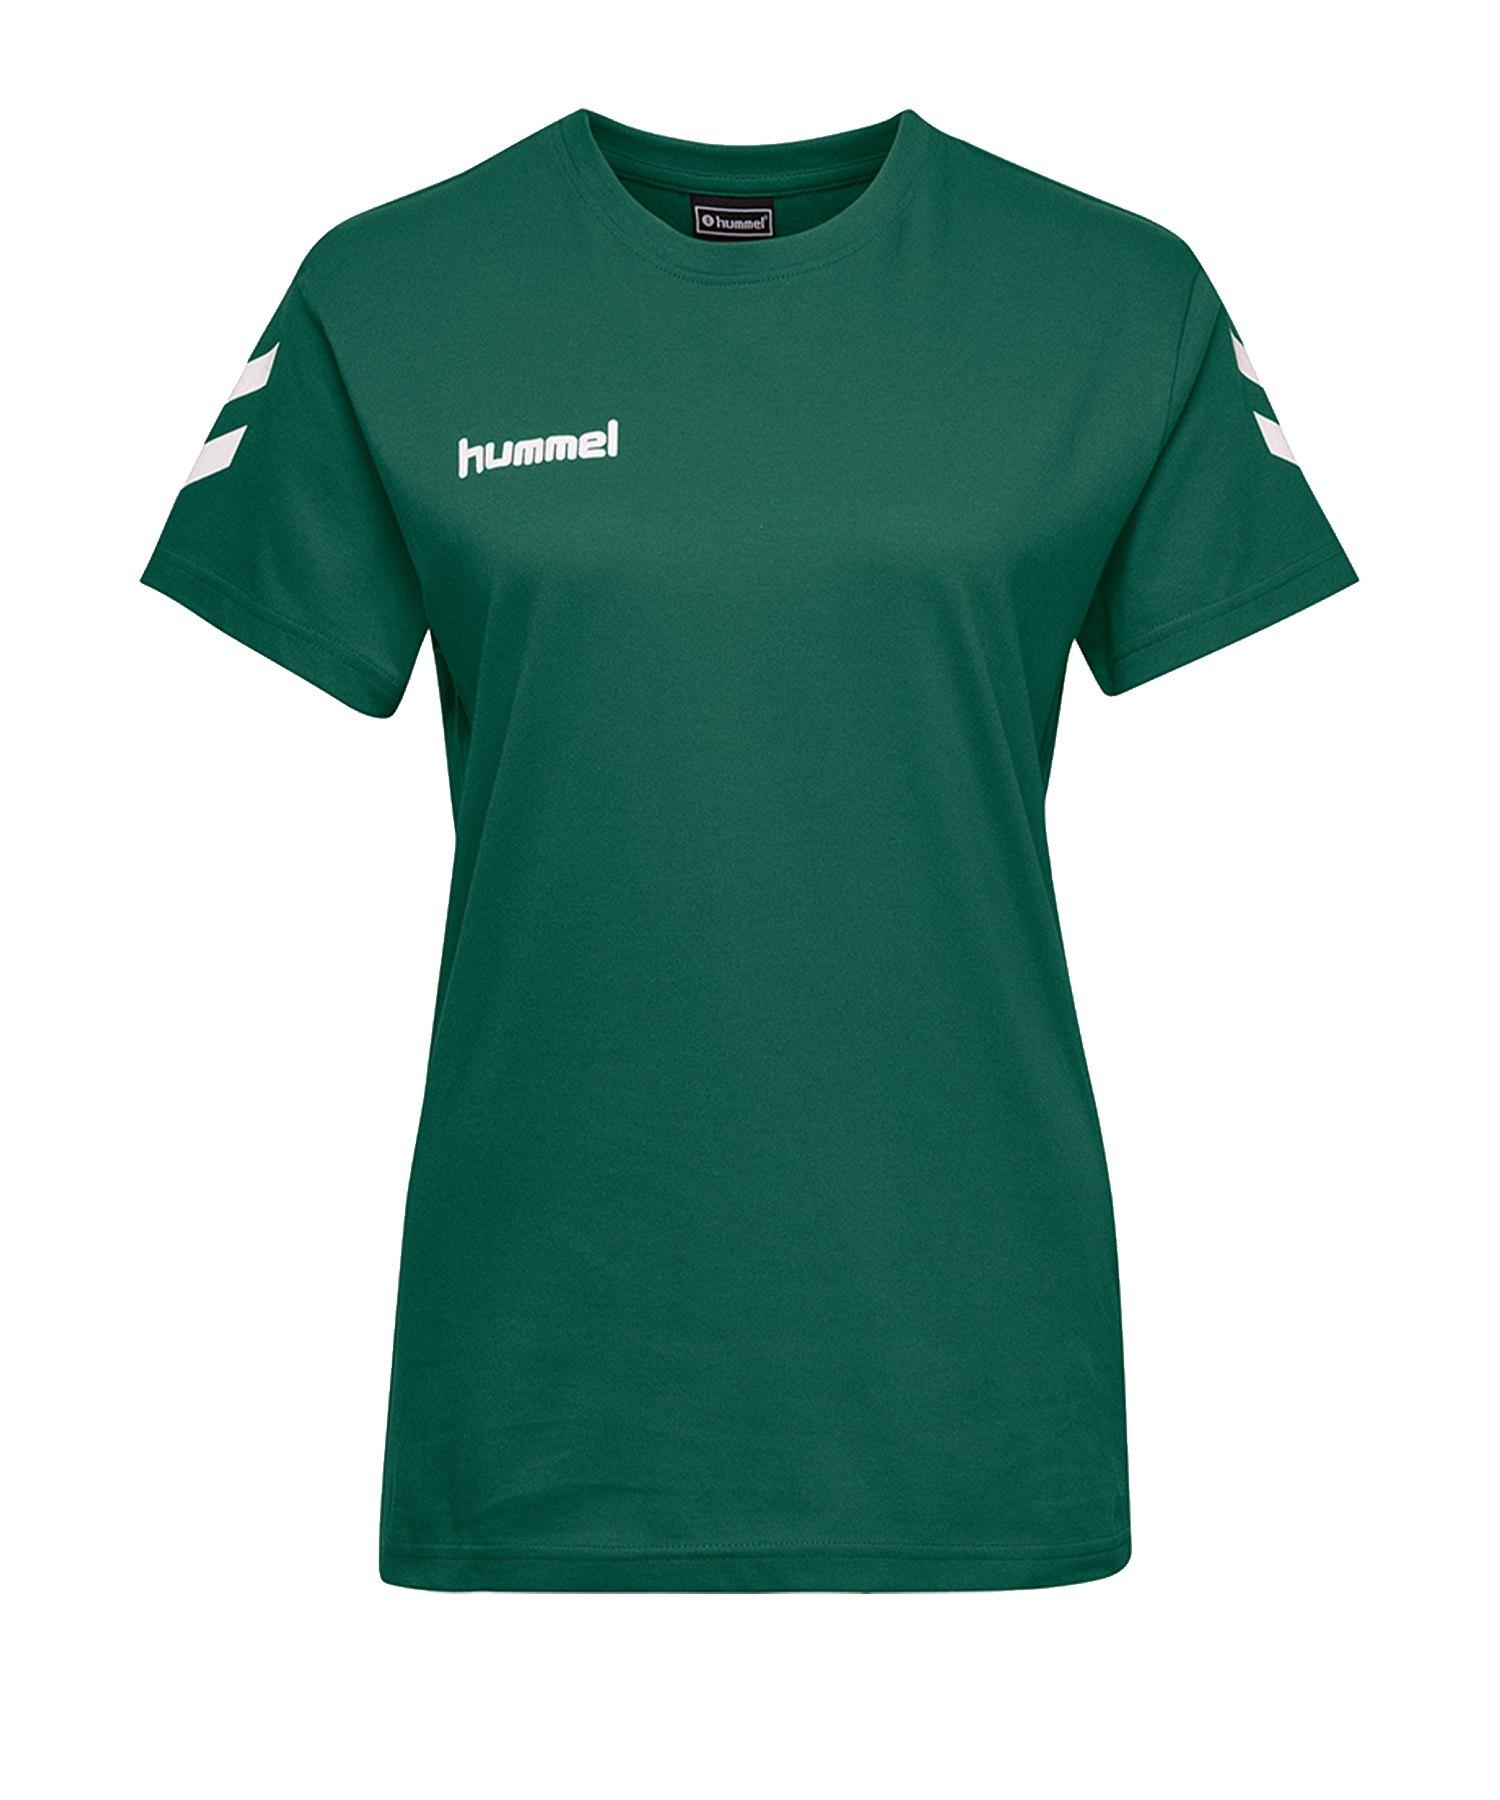 Hummel Cotton T-Shirt Grün Damen F6140 - Gruen